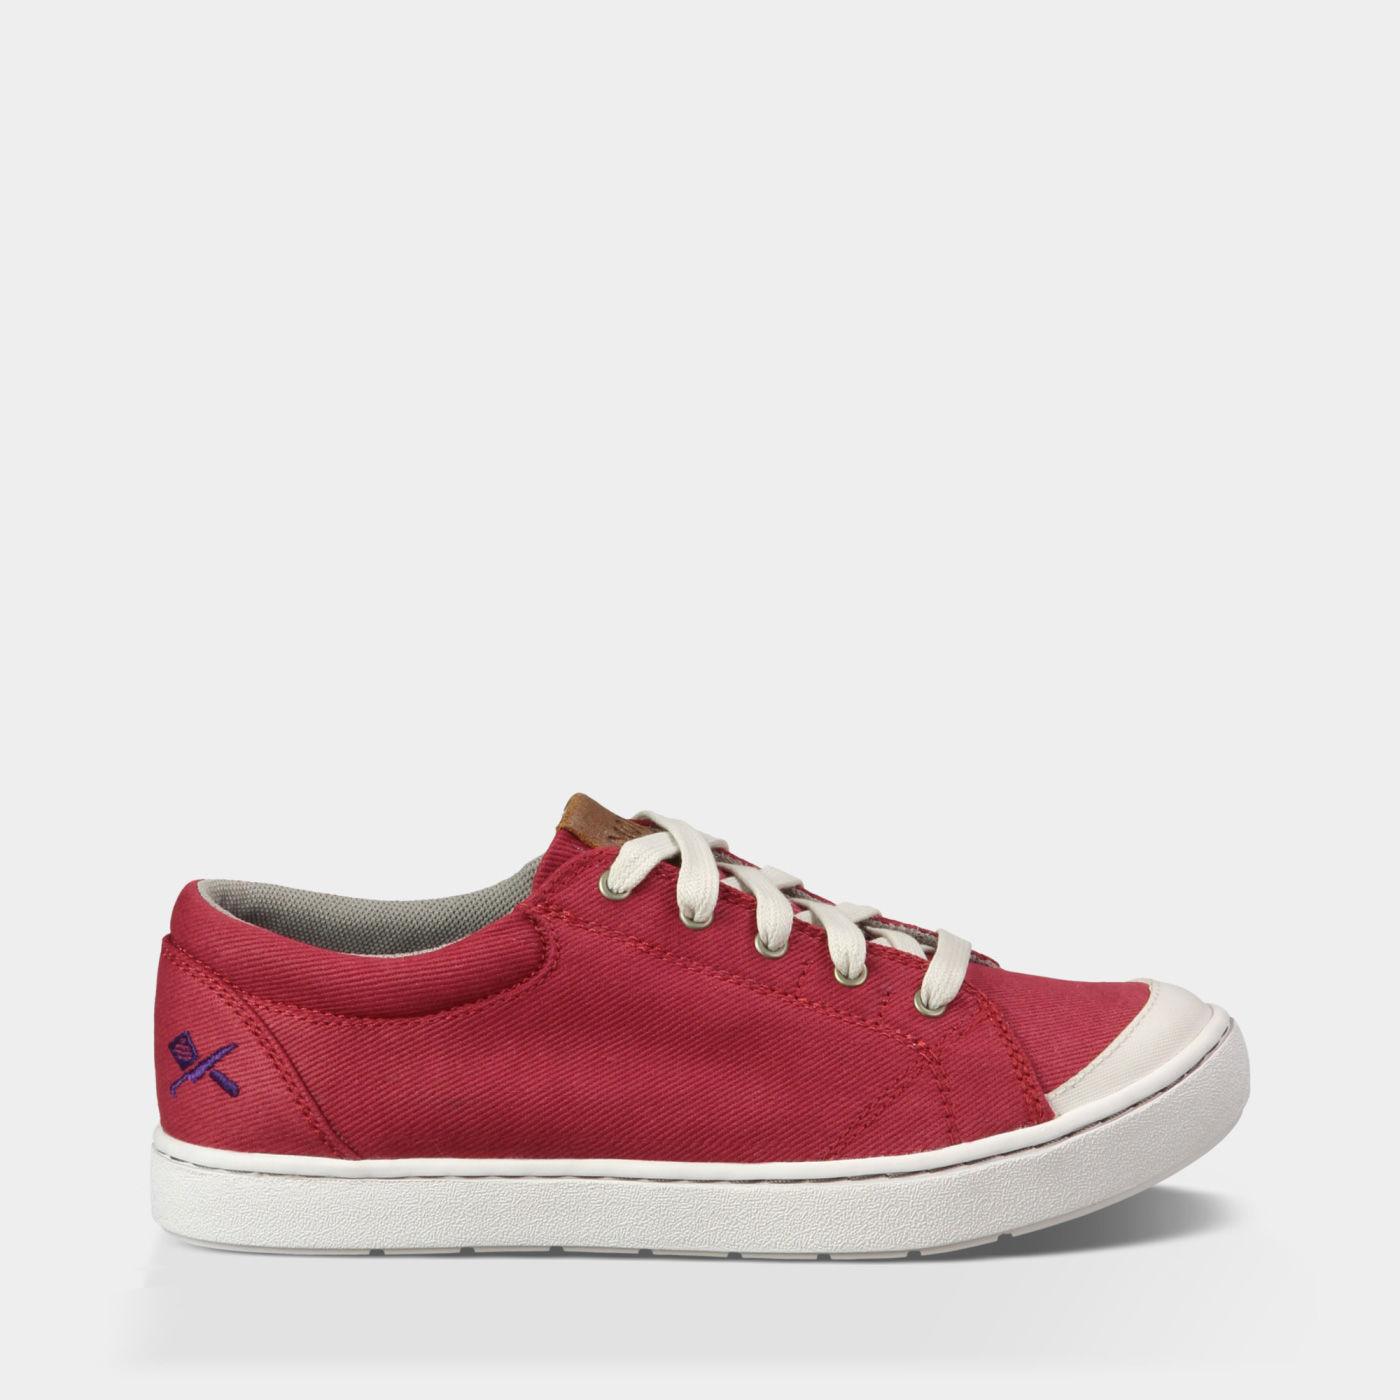 mozo 3738 7 s maven canvas shoes slip resistant